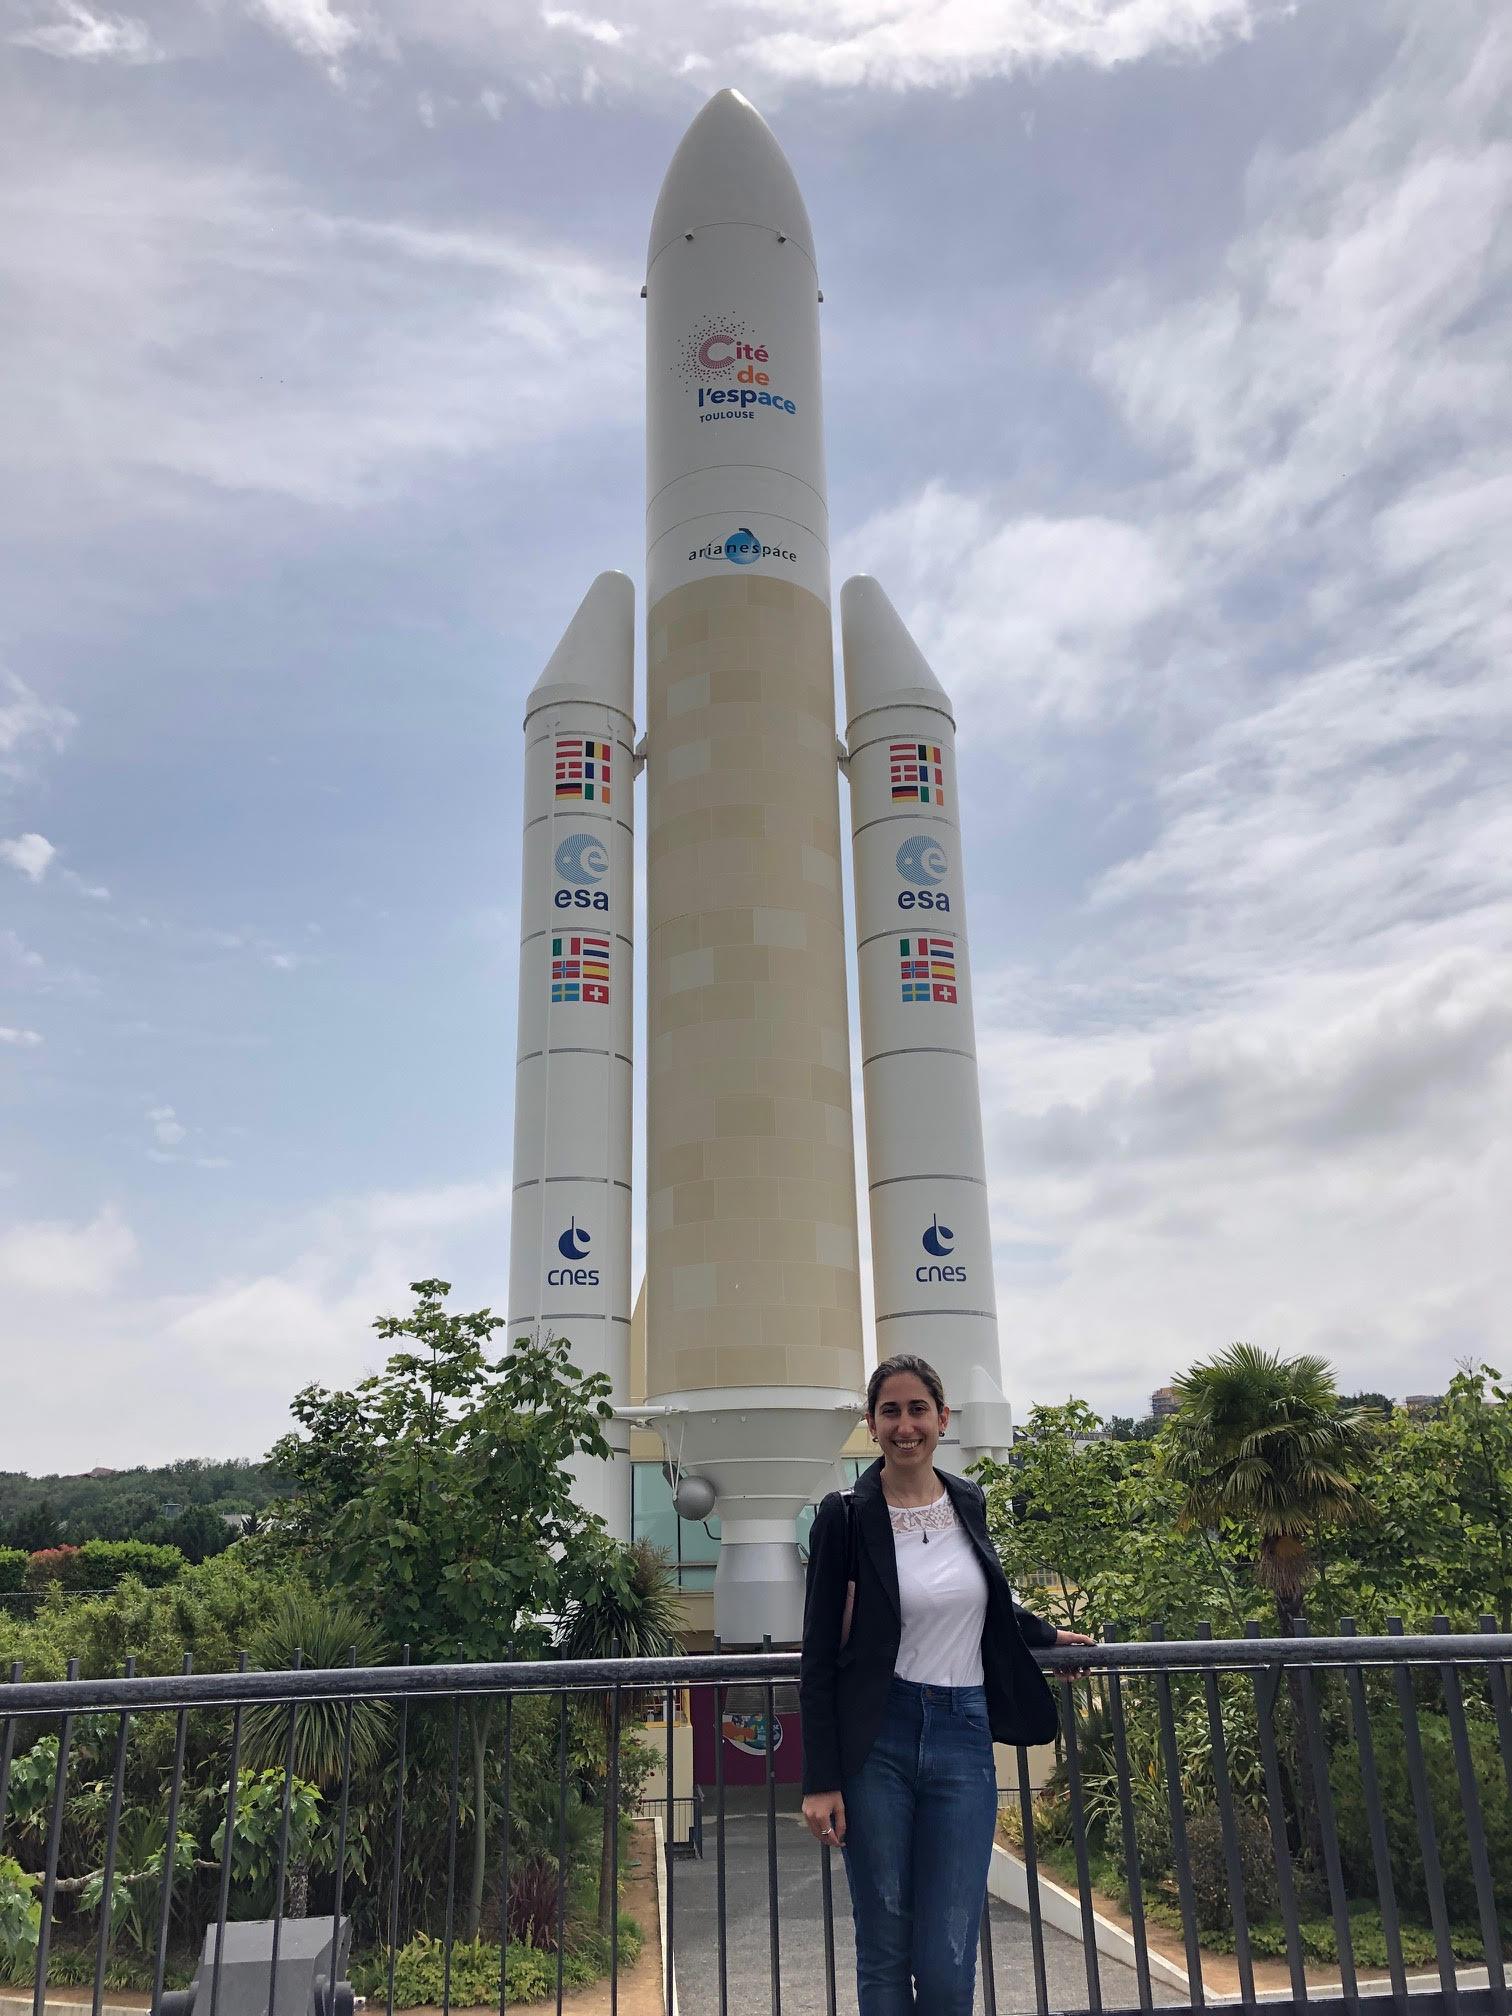 El desafío de recargar combustible alrededor de la Luna